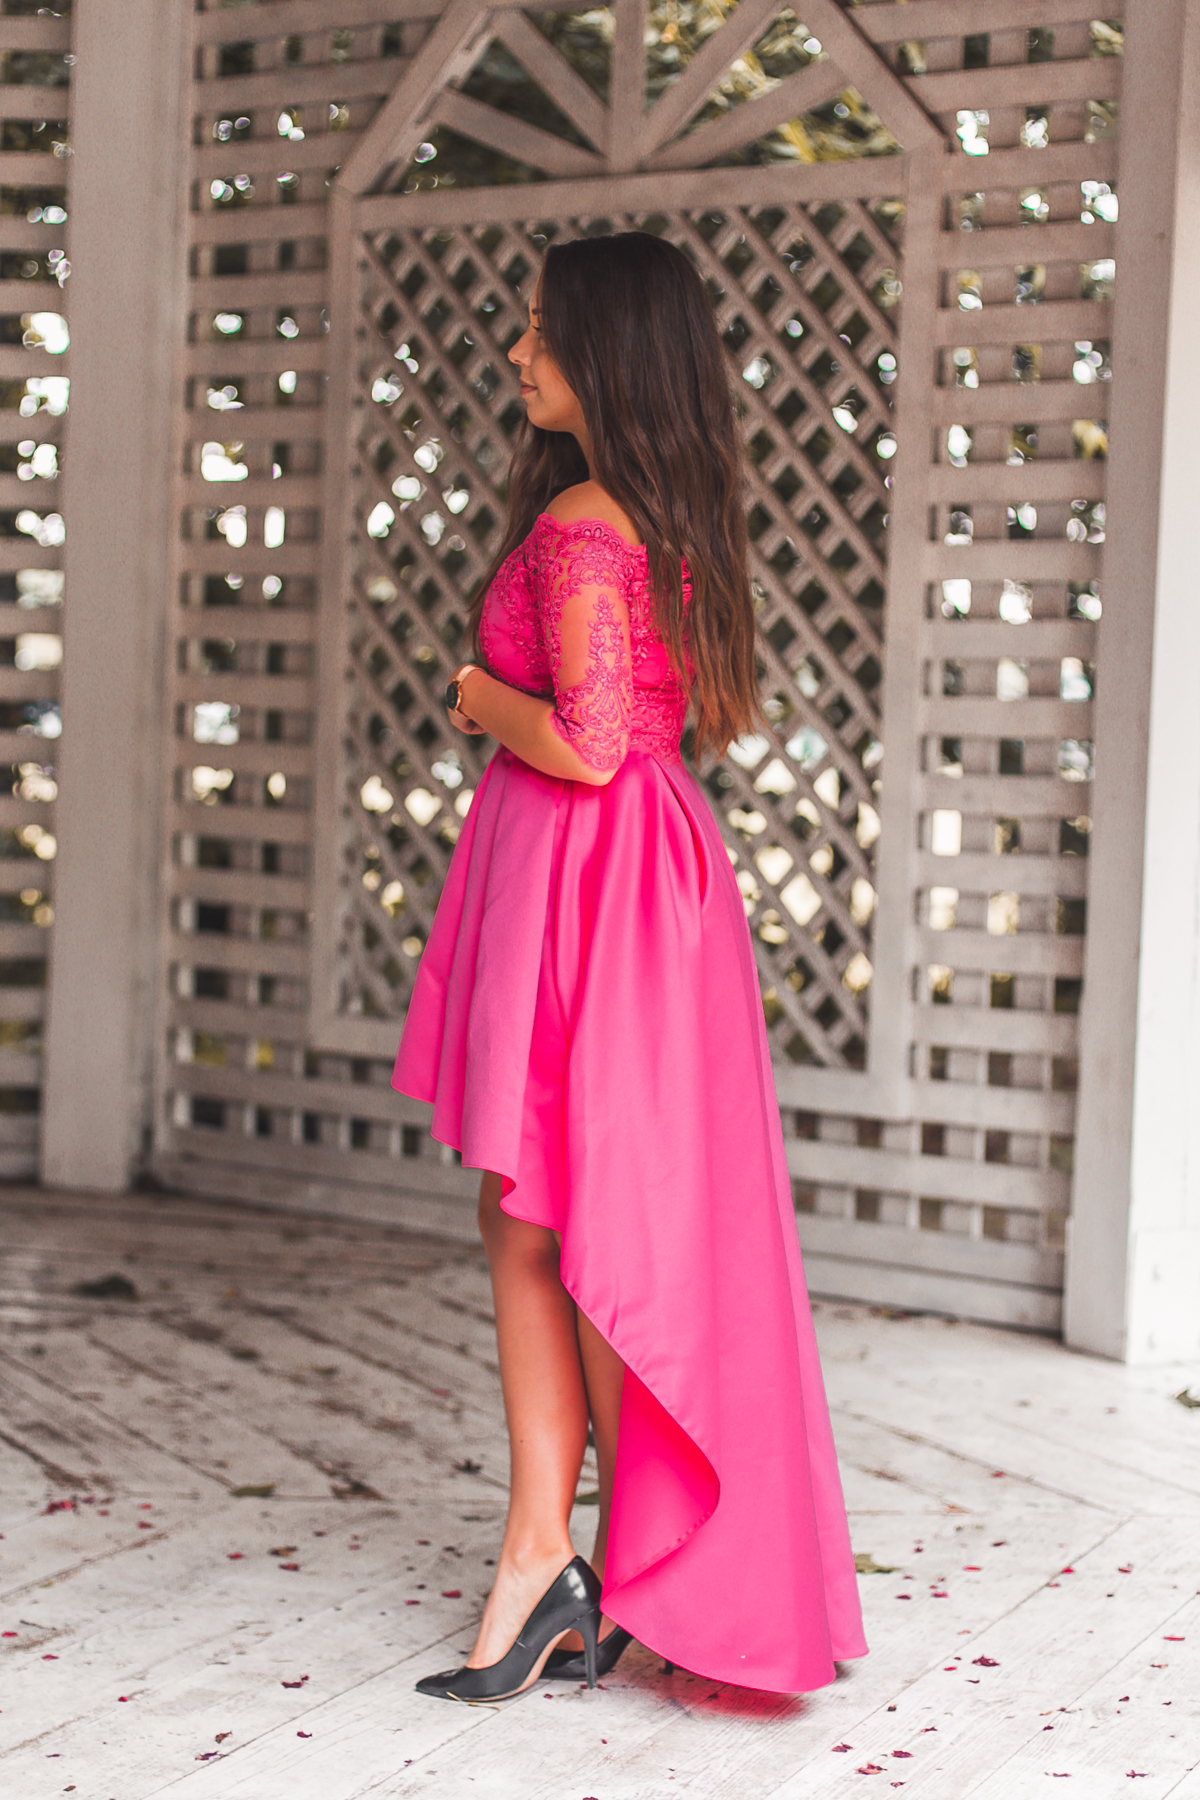 e5d653db50 sukienka z odkrytymi ramionami na wesele asymetryczna różowa sukienka w  kolorze fuksji ...